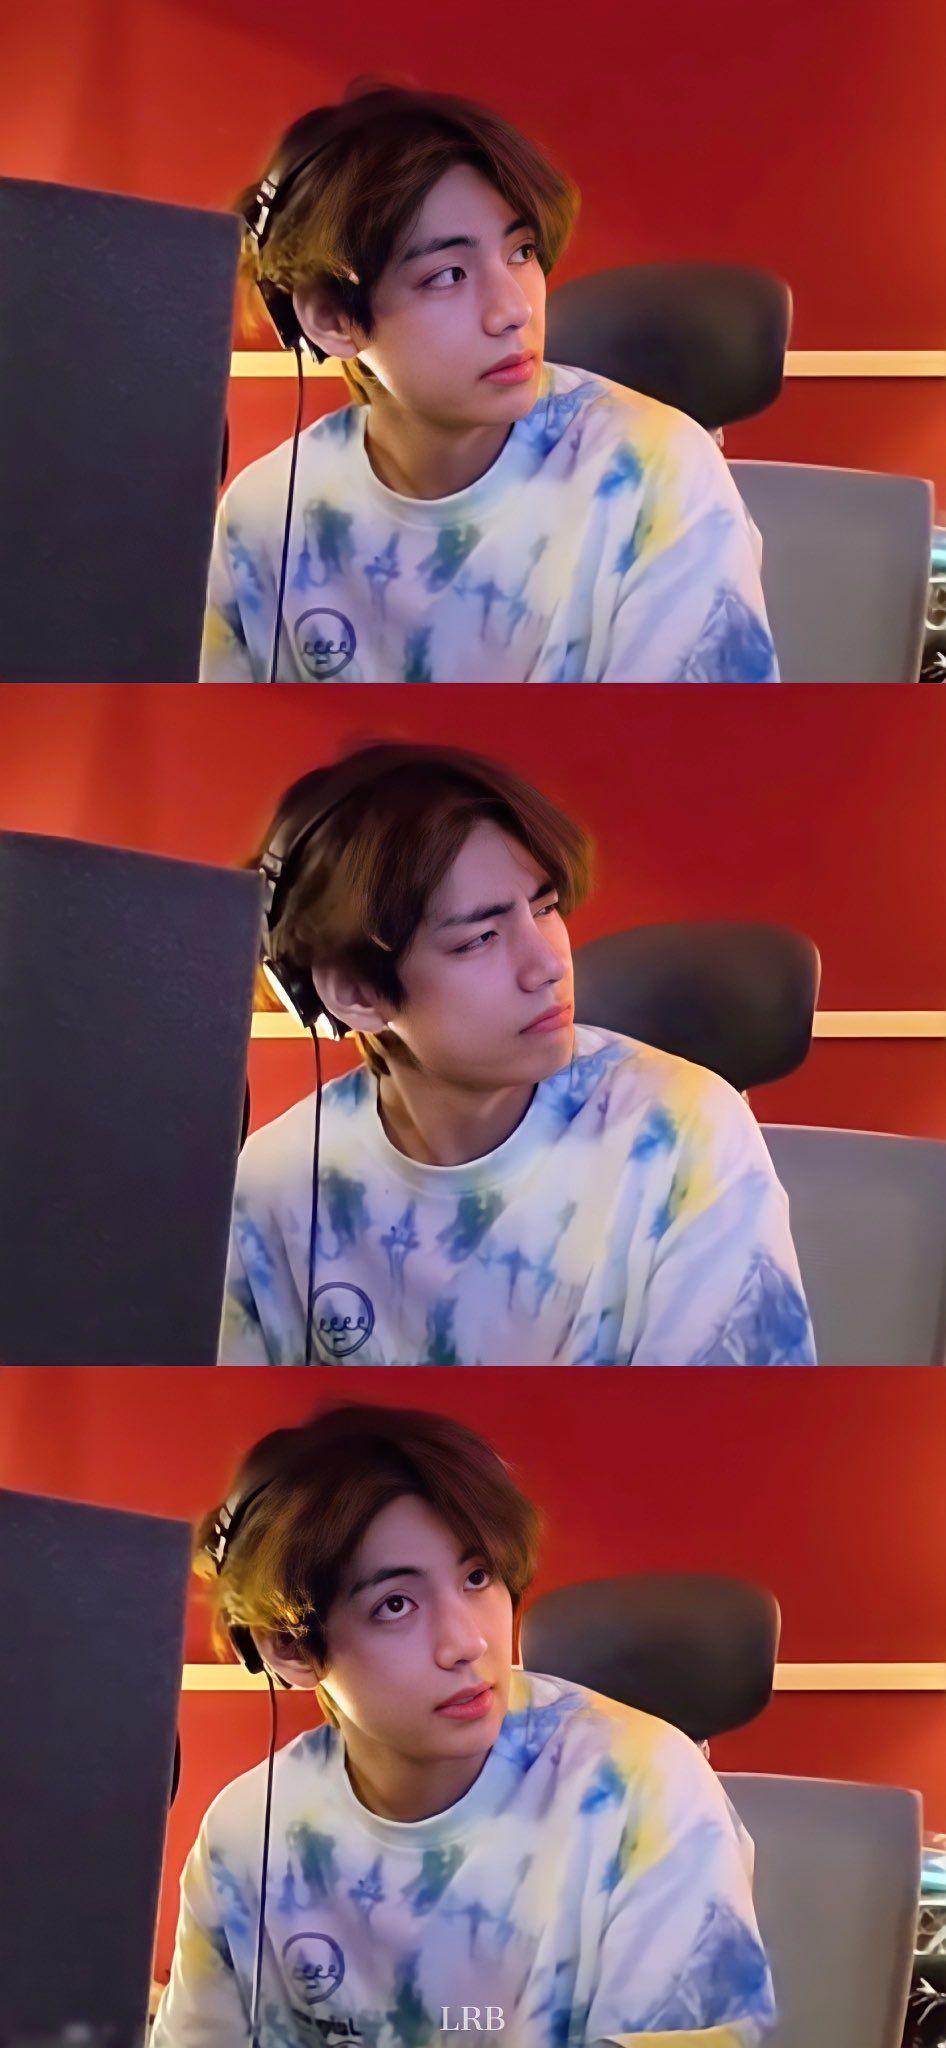 V BTS「[#BE_Log ] V l #곰랑이   」Wallpaper Lockscreen & Edit 4K